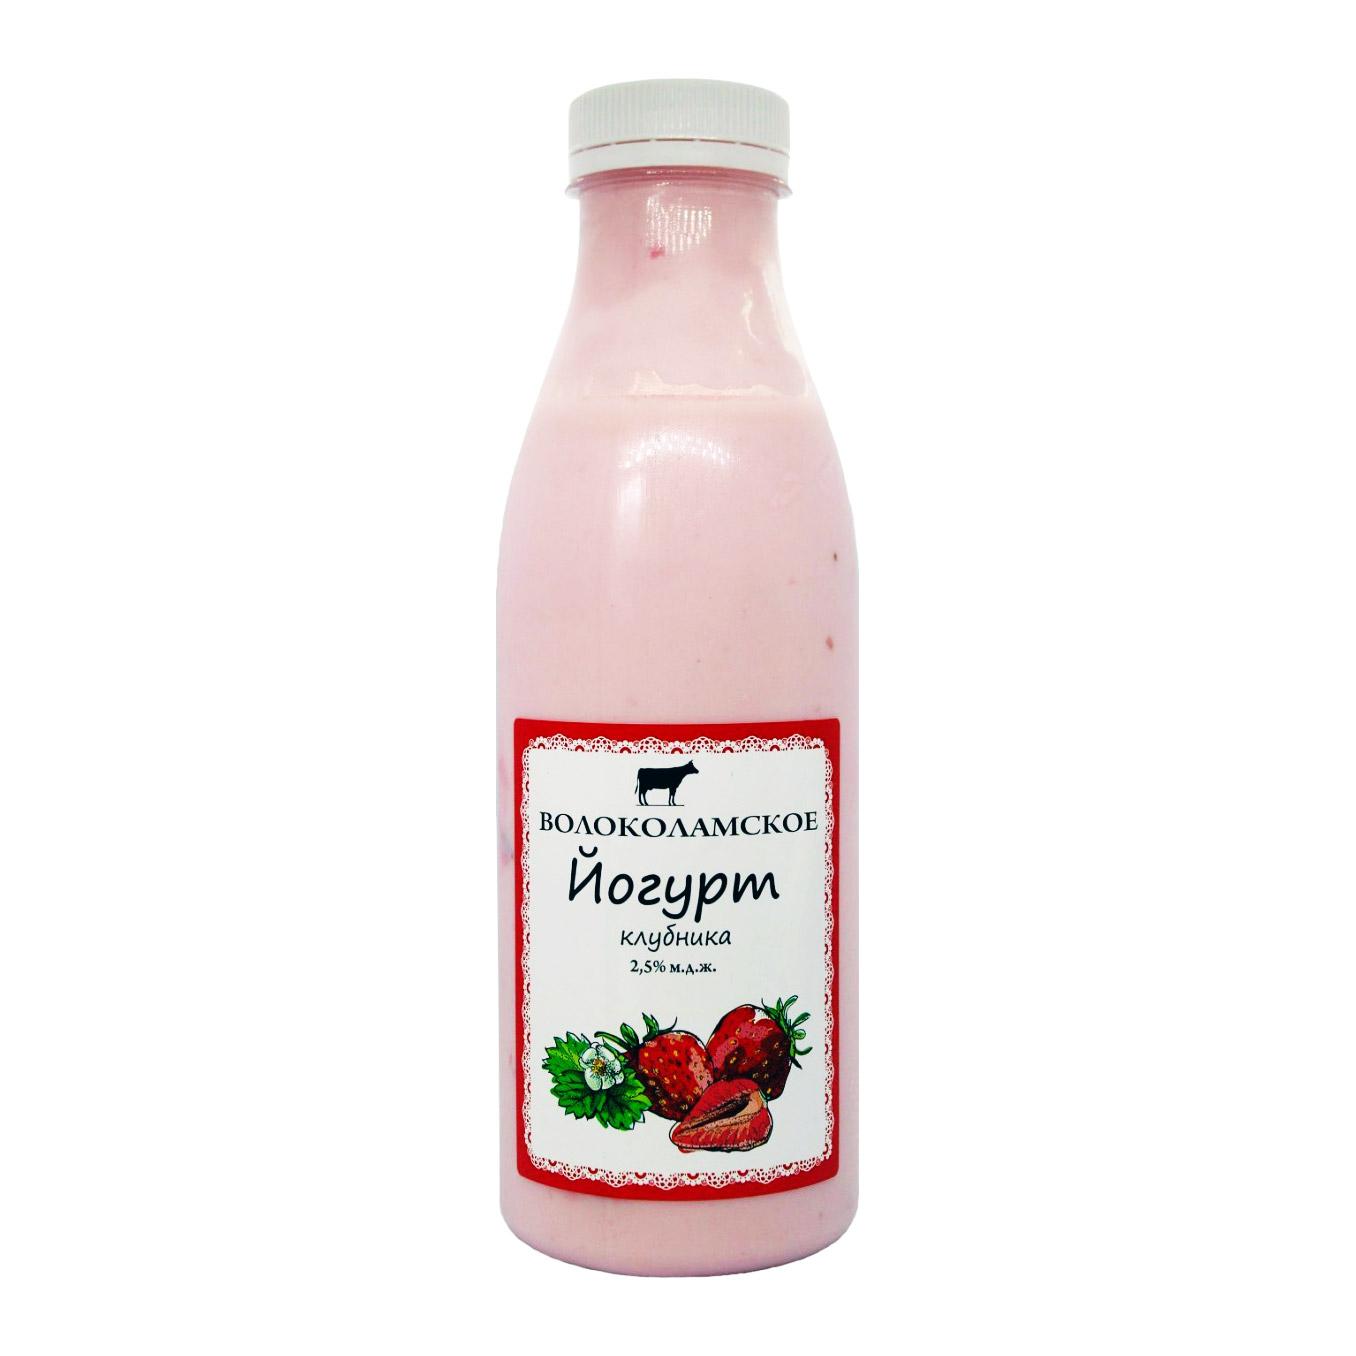 Йогурт питьевой Волоколамское Клубника 2,5%, 500 г недорого